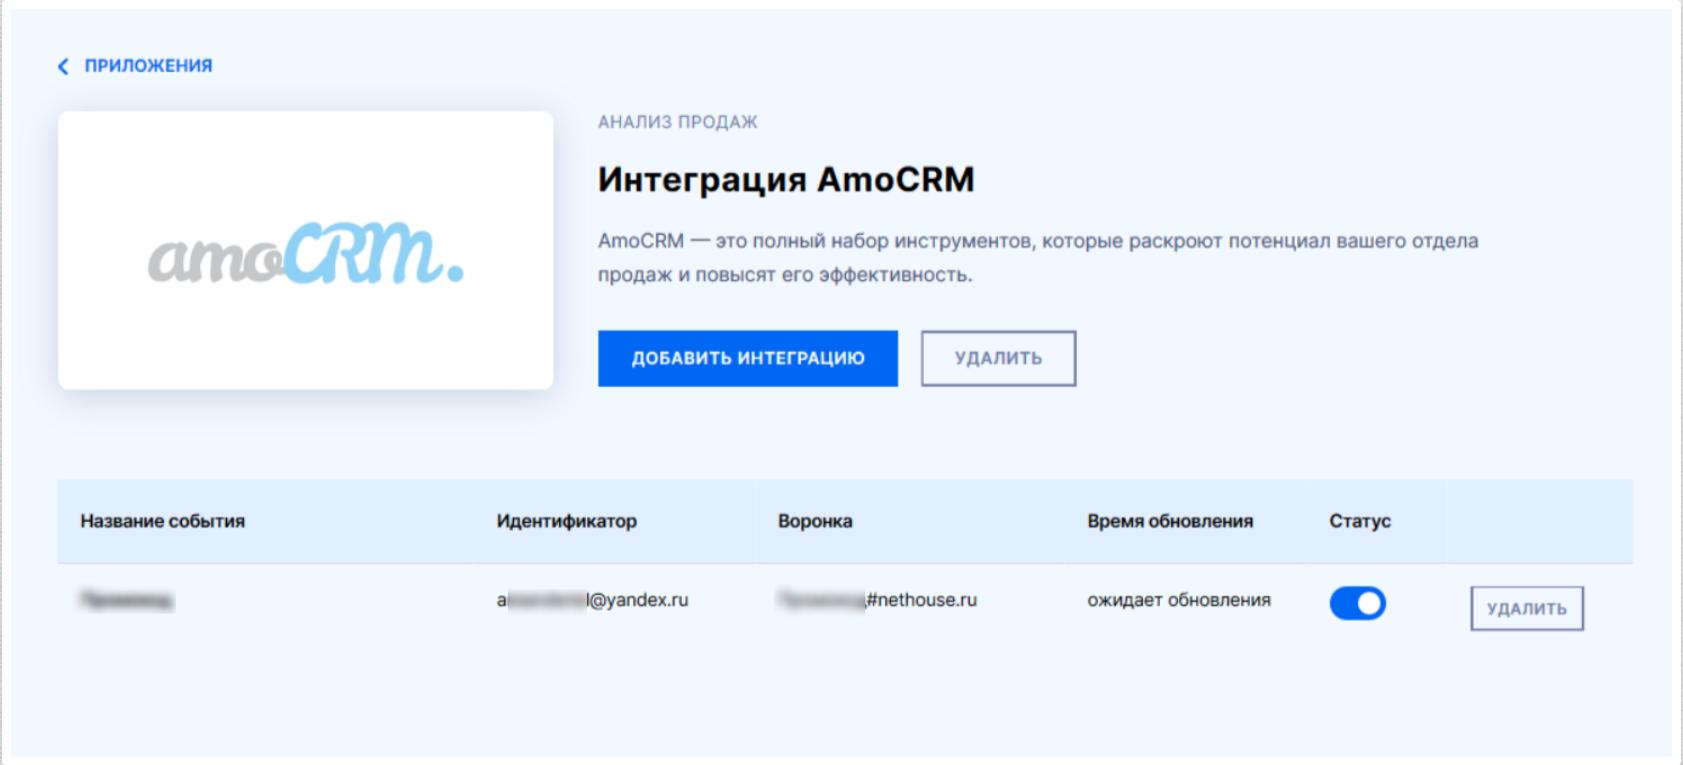 Интеграция с amoCRM